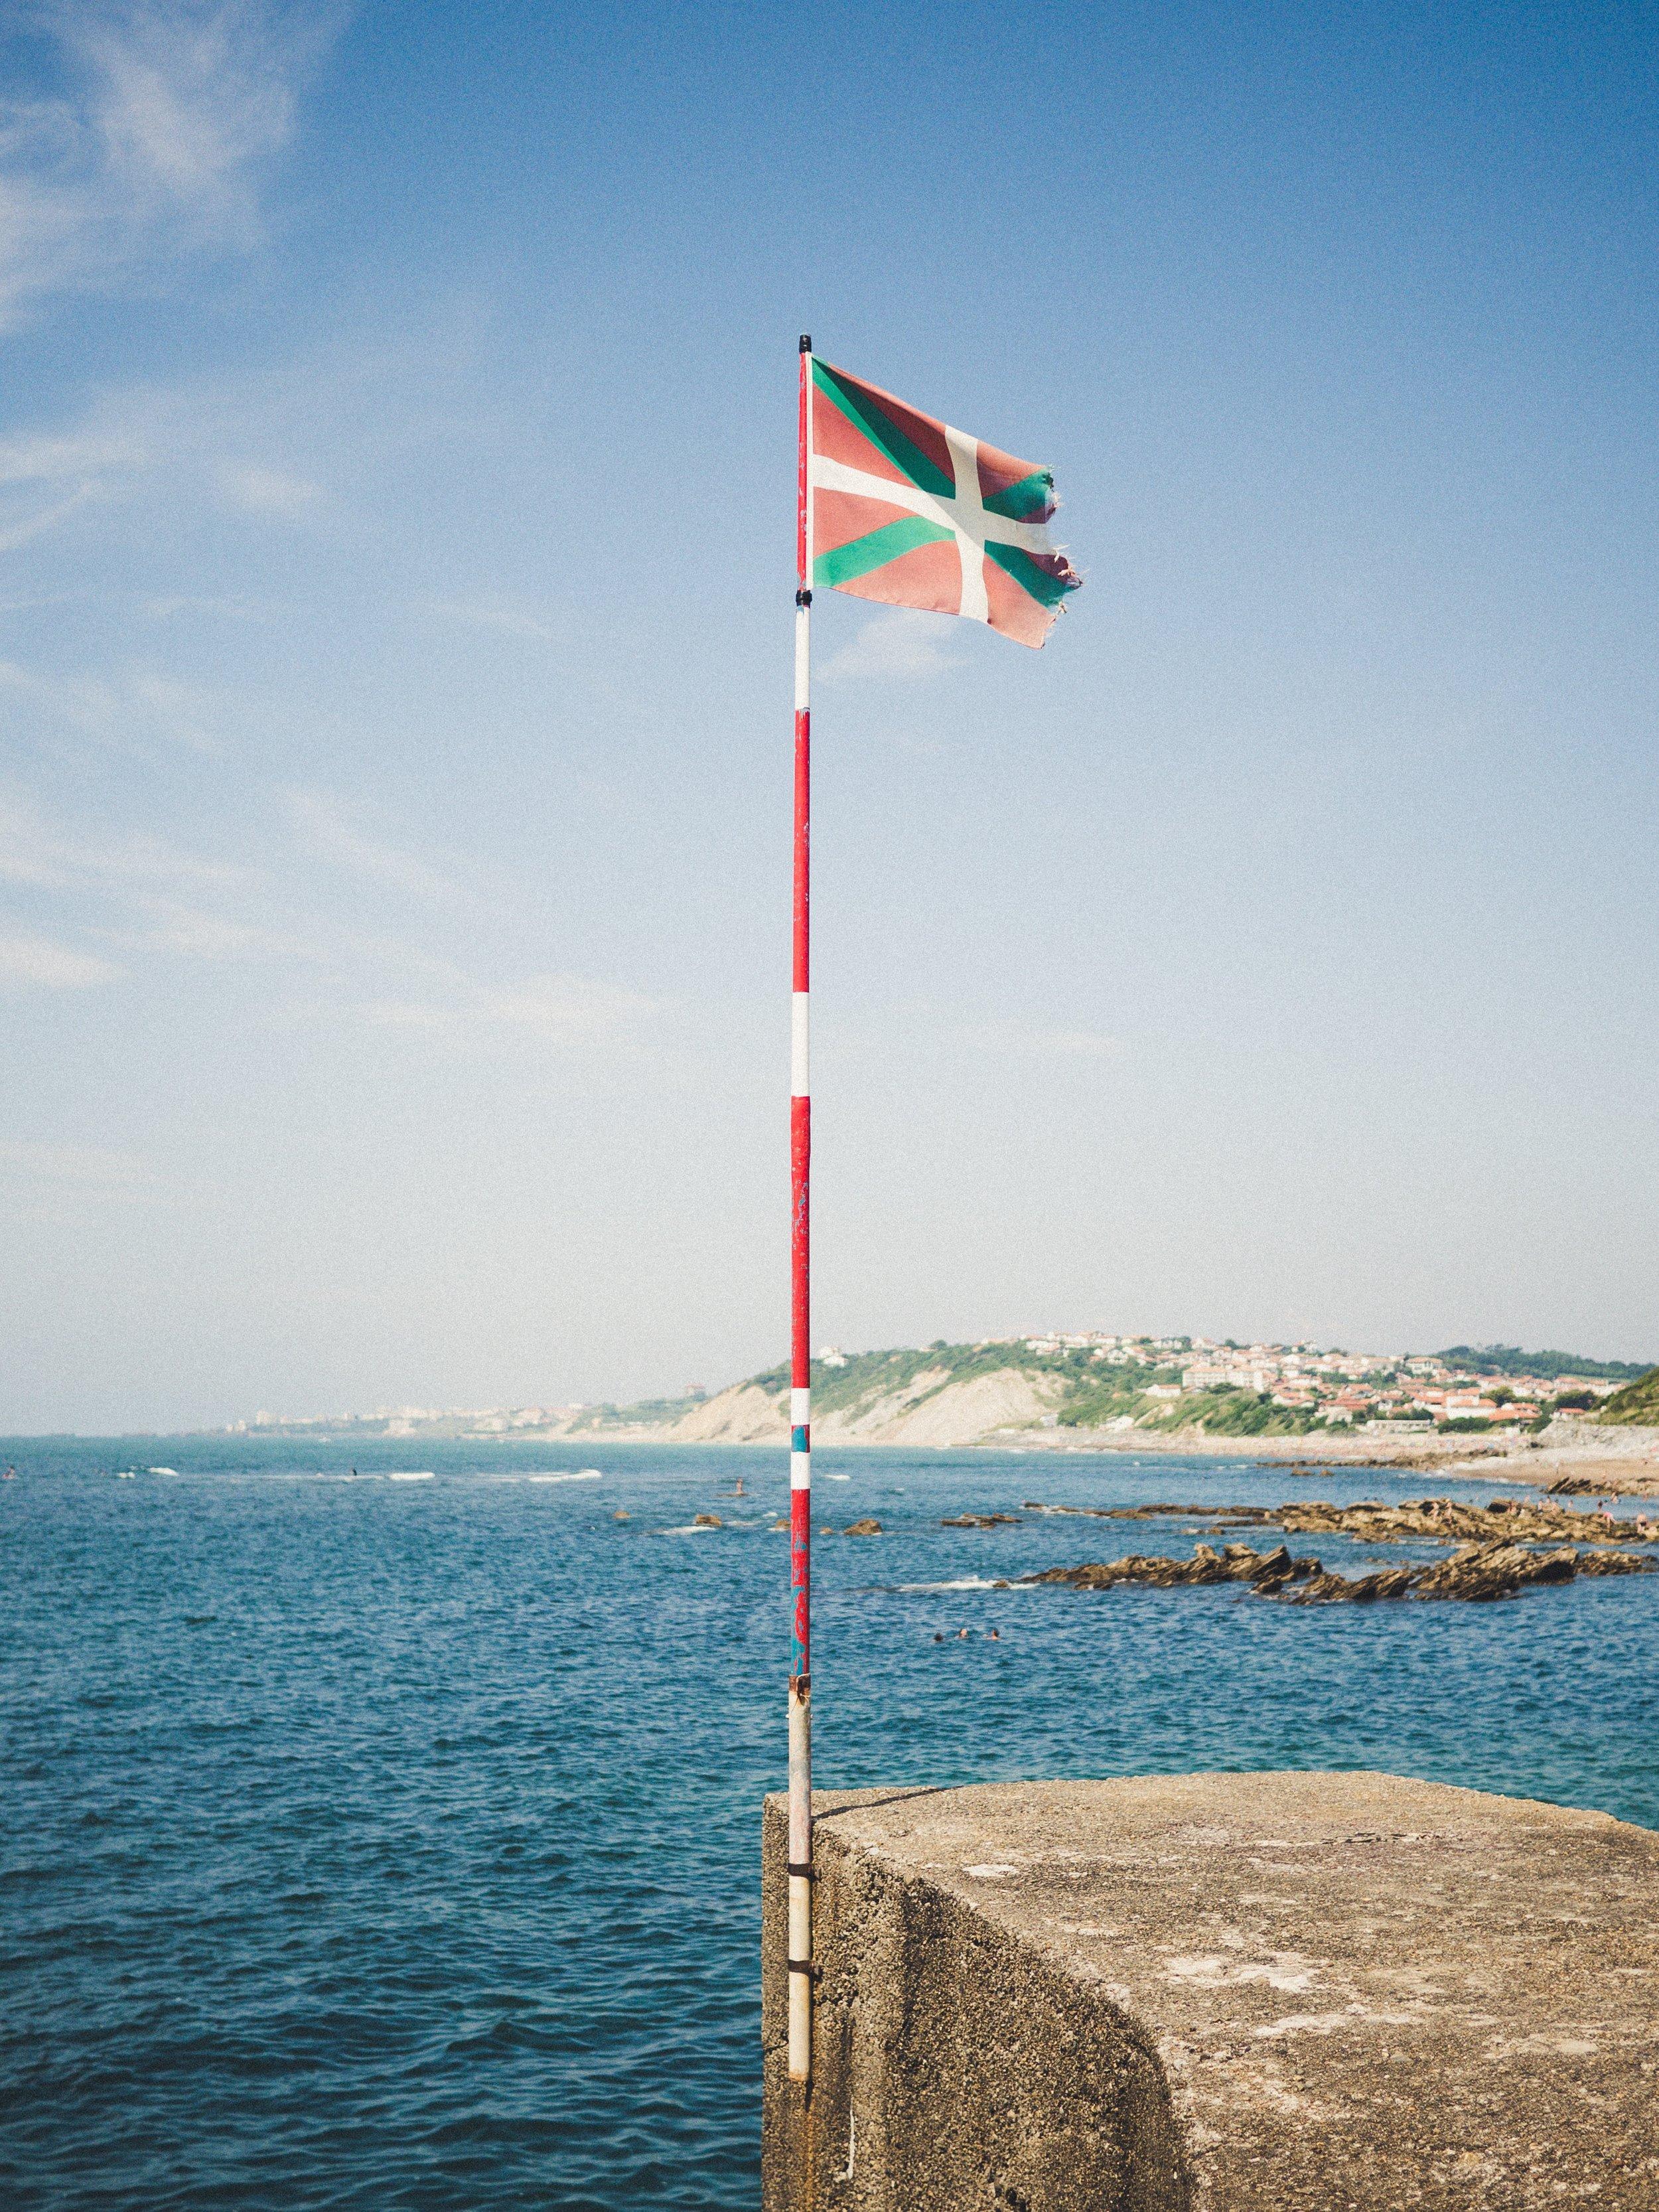 Basque flag. Photo by Joanes Andueza.